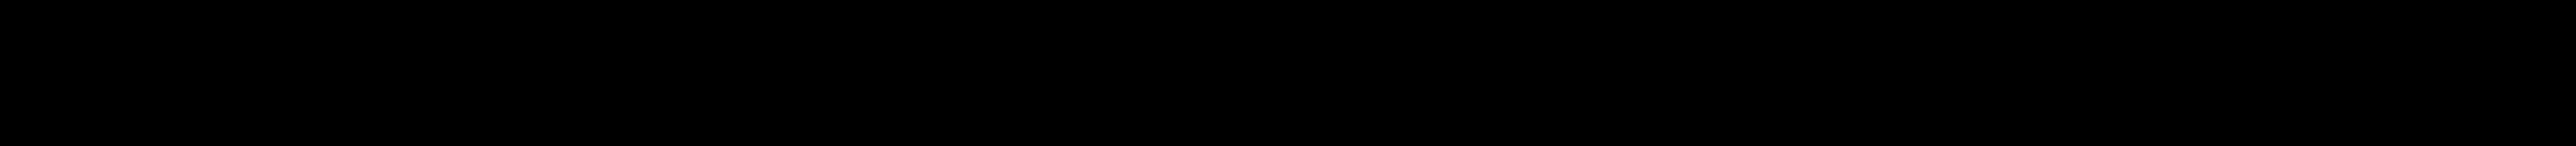 Logo Kungliga Djurgården - @kungligadjurgarden - kungligadjurgarden.com